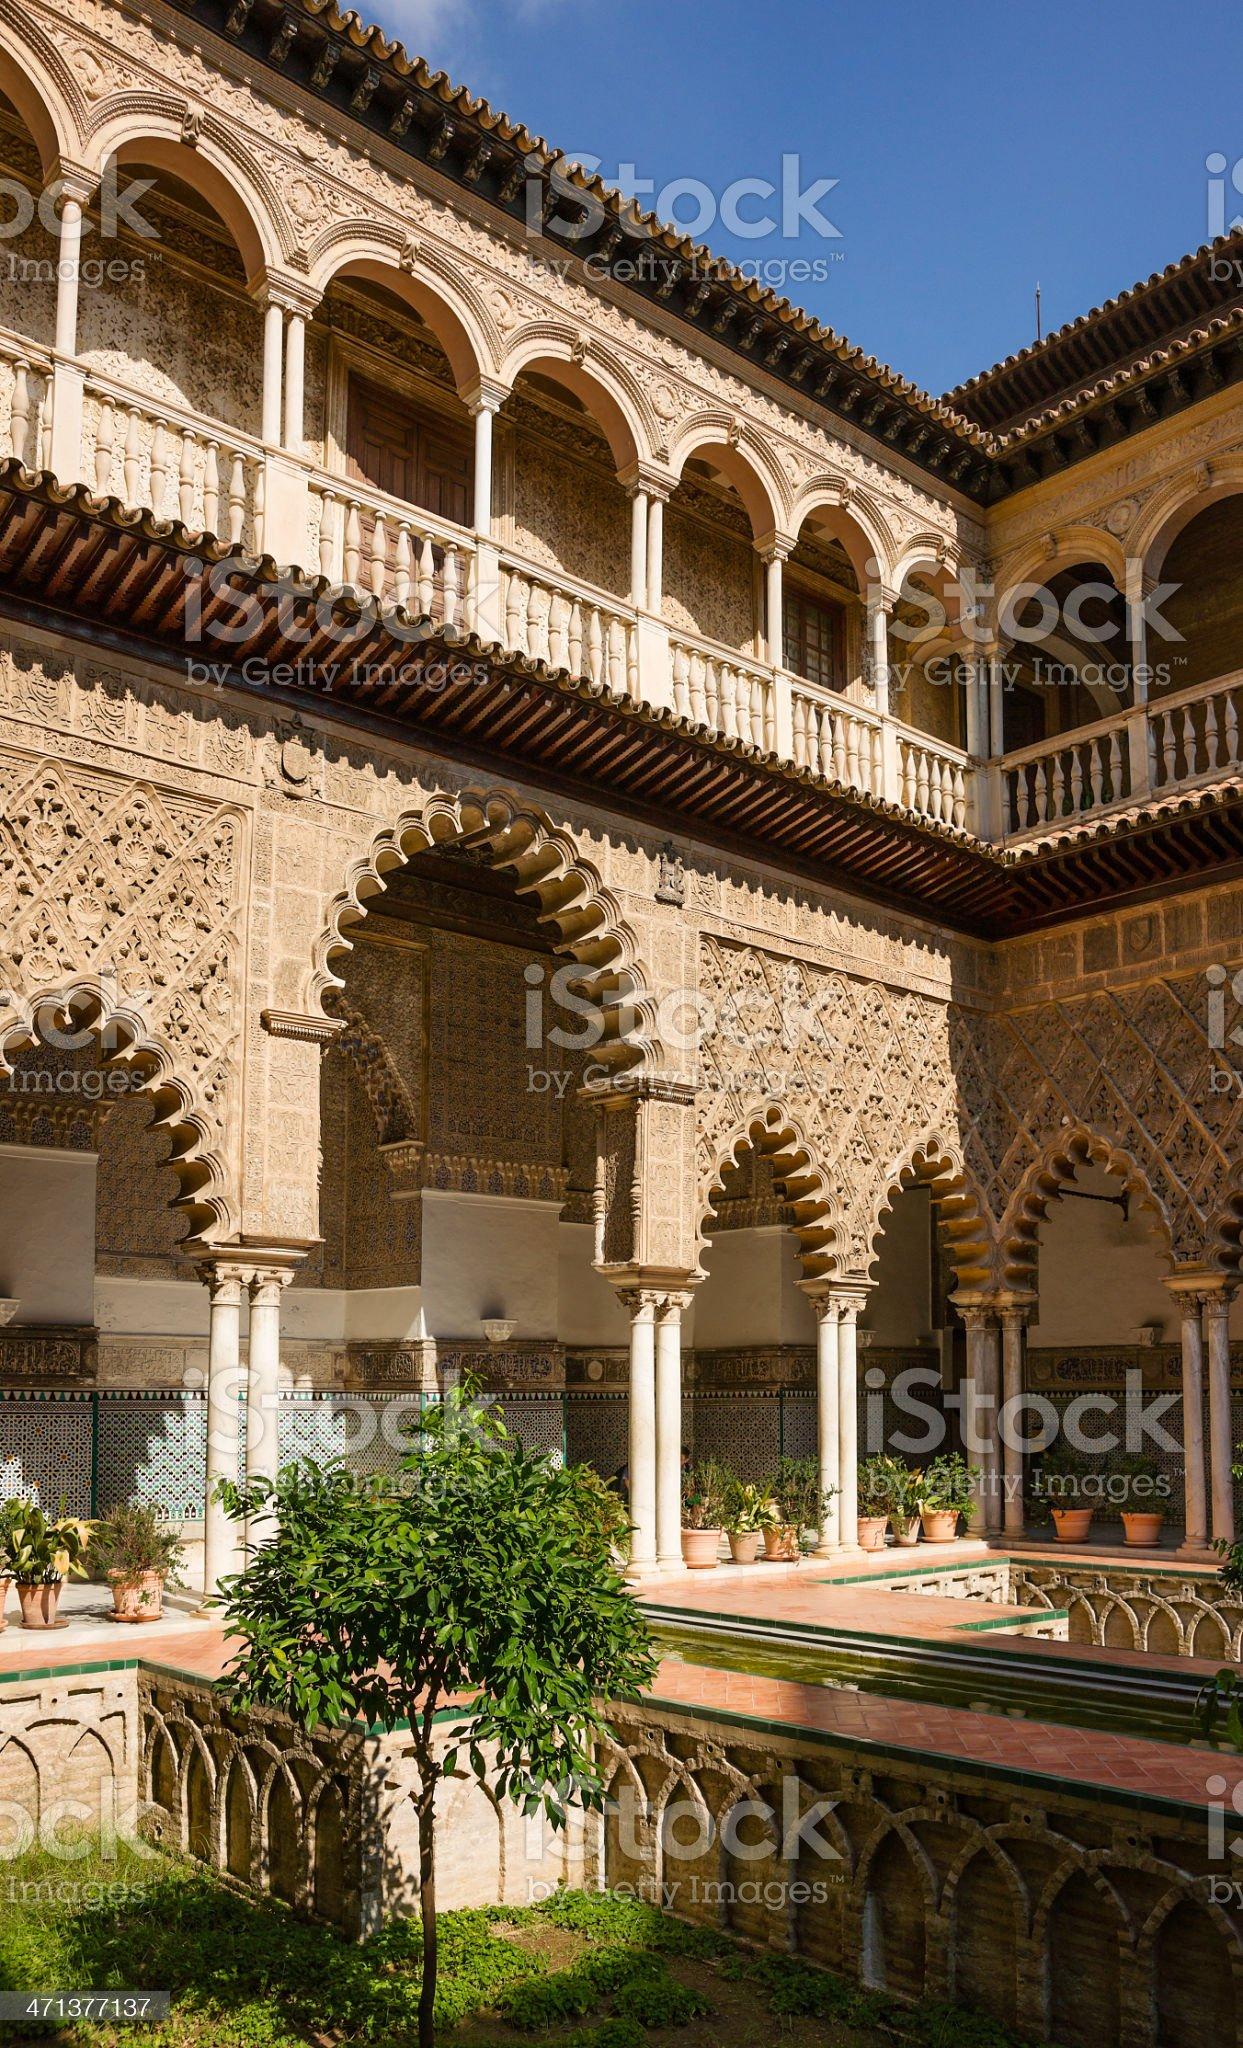 Patio de las Doncellas, Alc?zar of Seville, Spain royalty-free stock photo